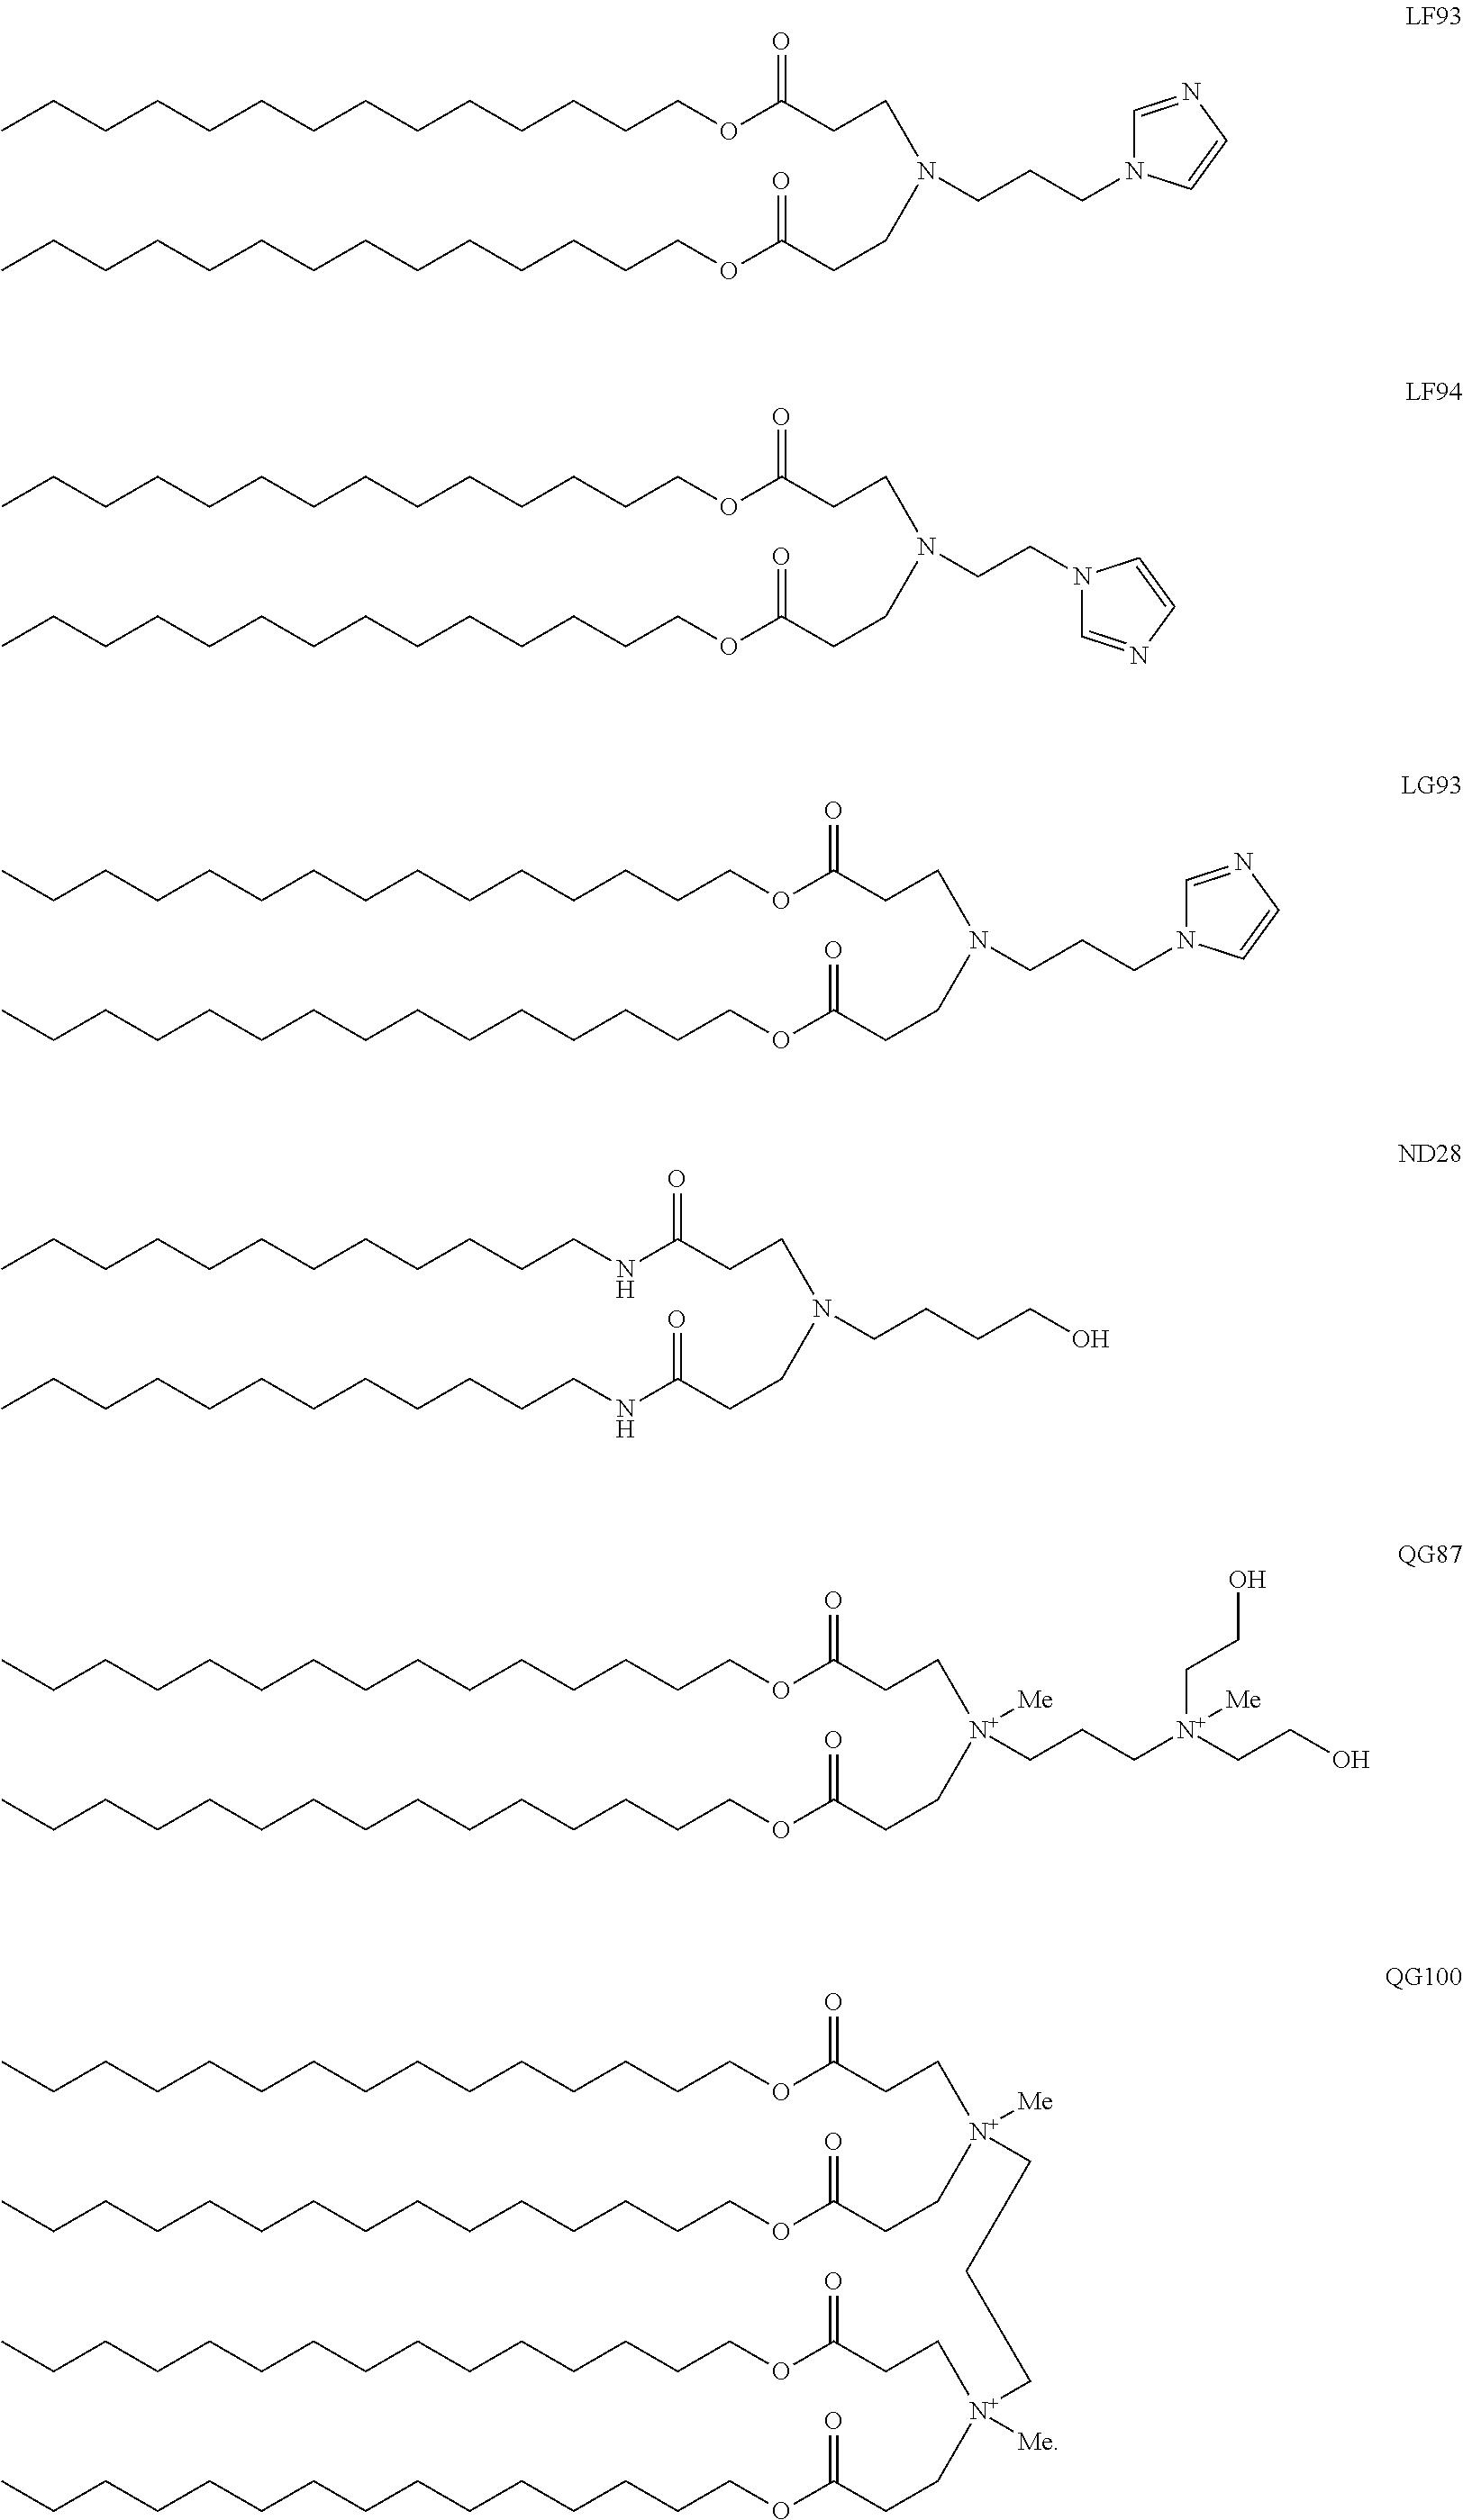 Figure US20110009641A1-20110113-C00020